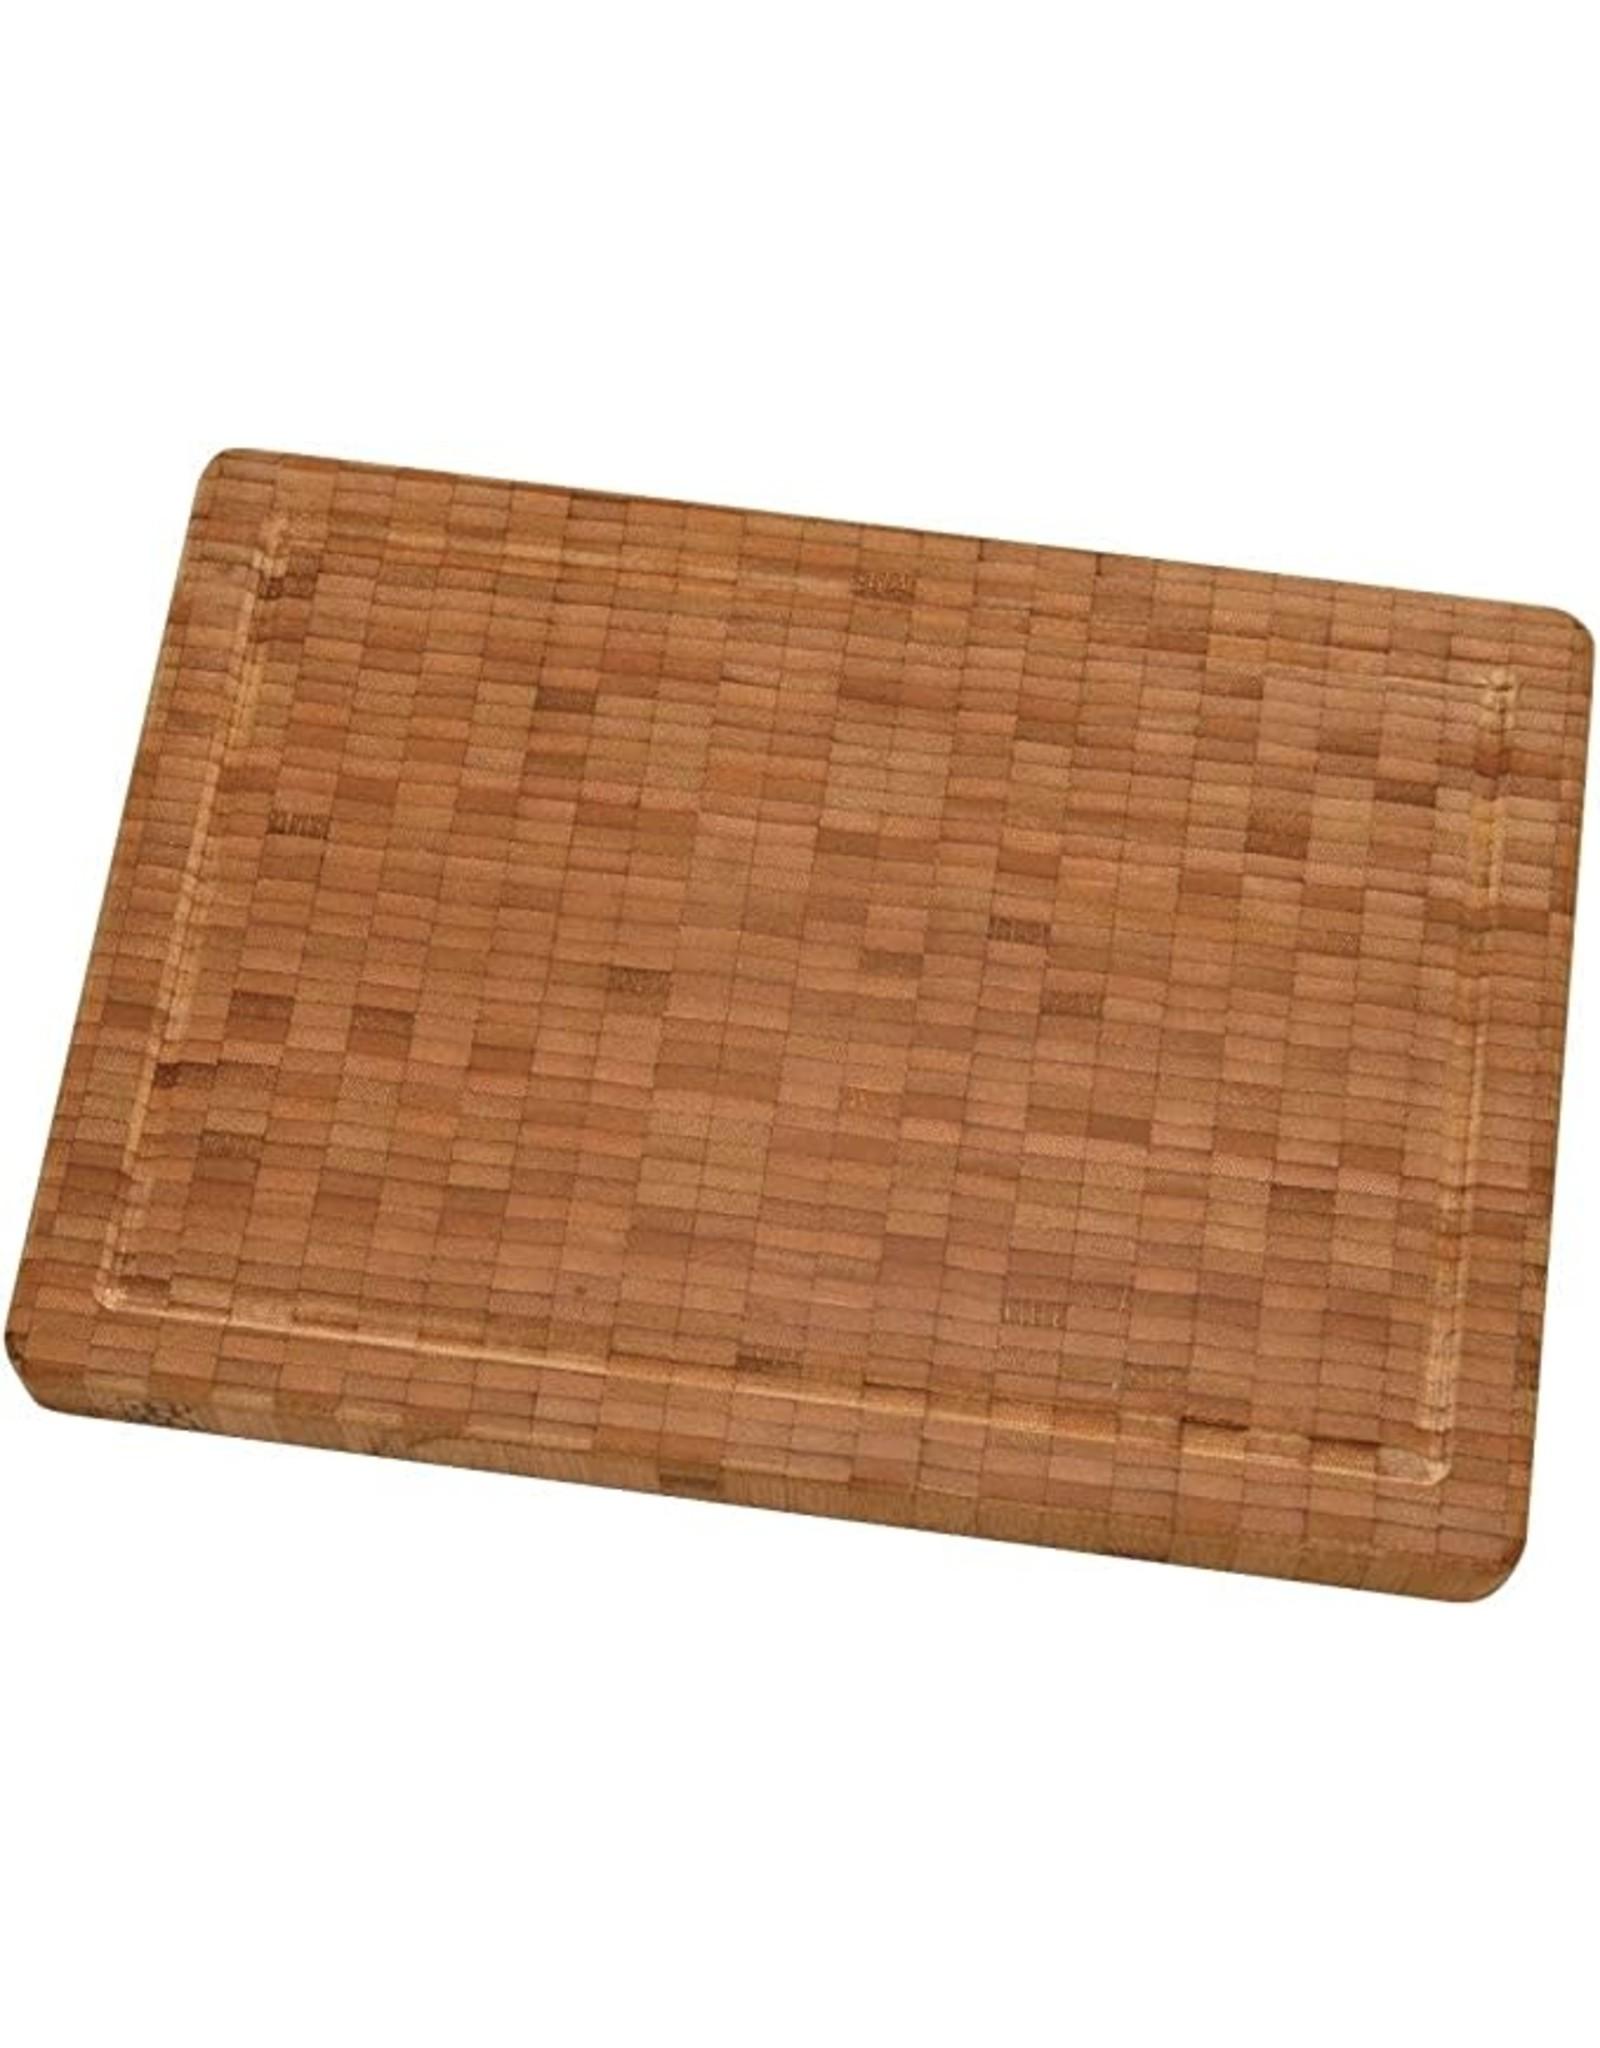 Zwilling ZWILLING Snijplank - Bamboe - Groot - 42 x 31 x 4 cm